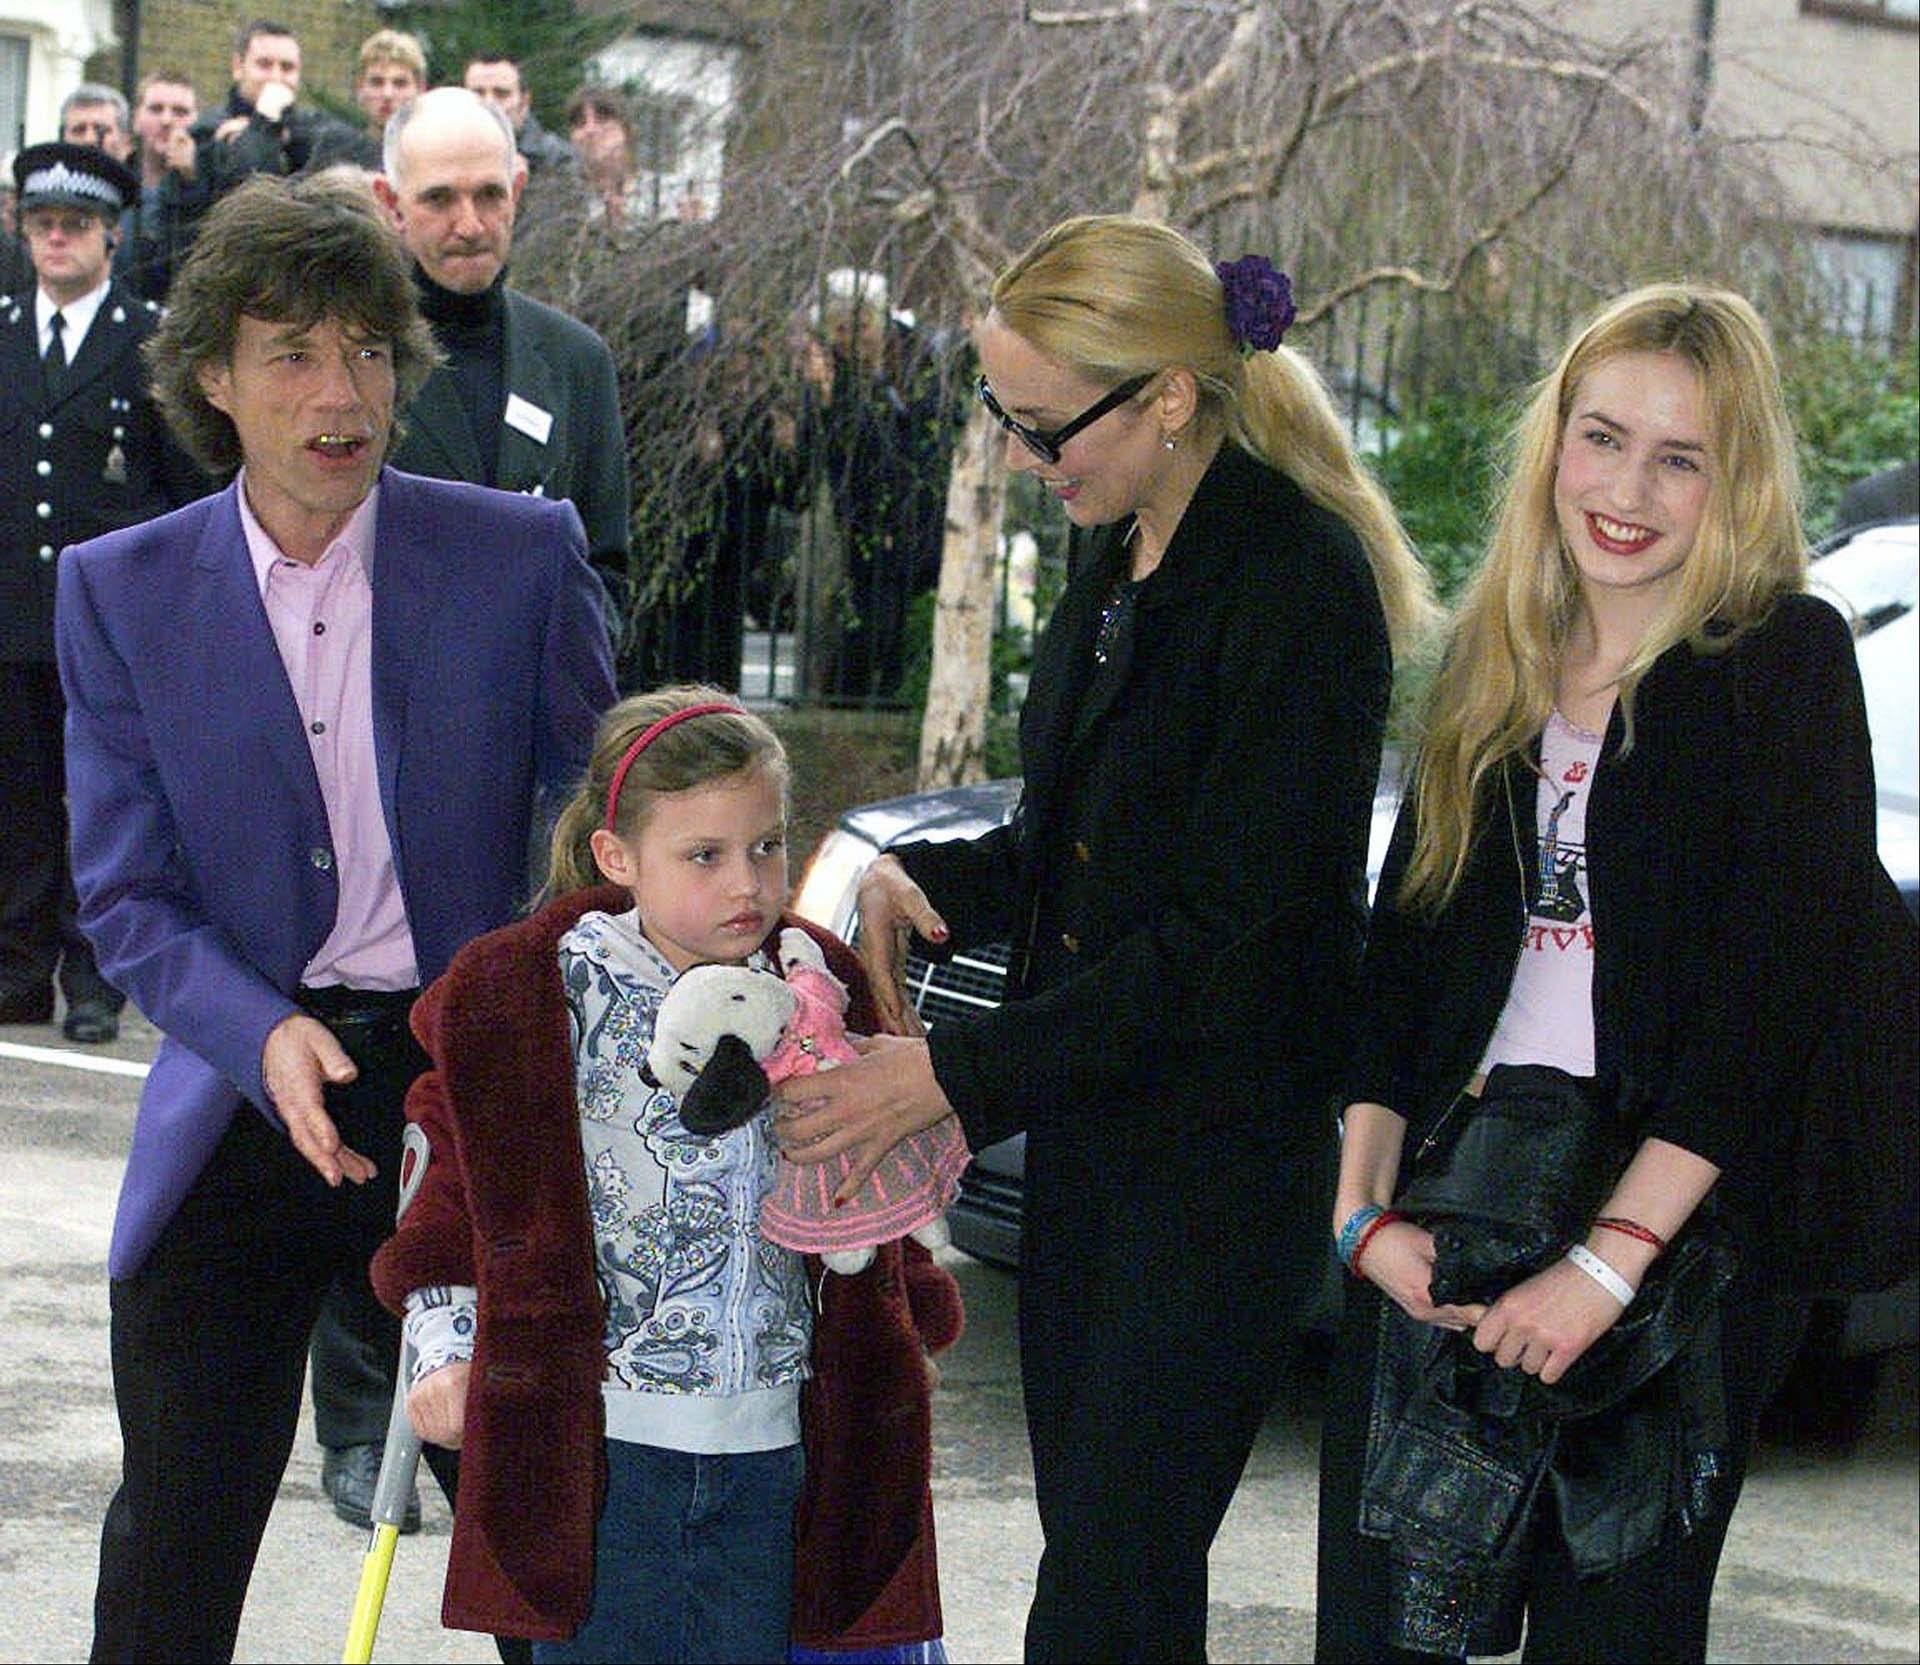 El 20 de marzo de 2000, Mick Jagger llega a su antigua escuela en Dartford, al este de Londres, para abrir un nuevo centro de música con su ex esposa Jerry y sus hijos, Elizabet y Georgia.